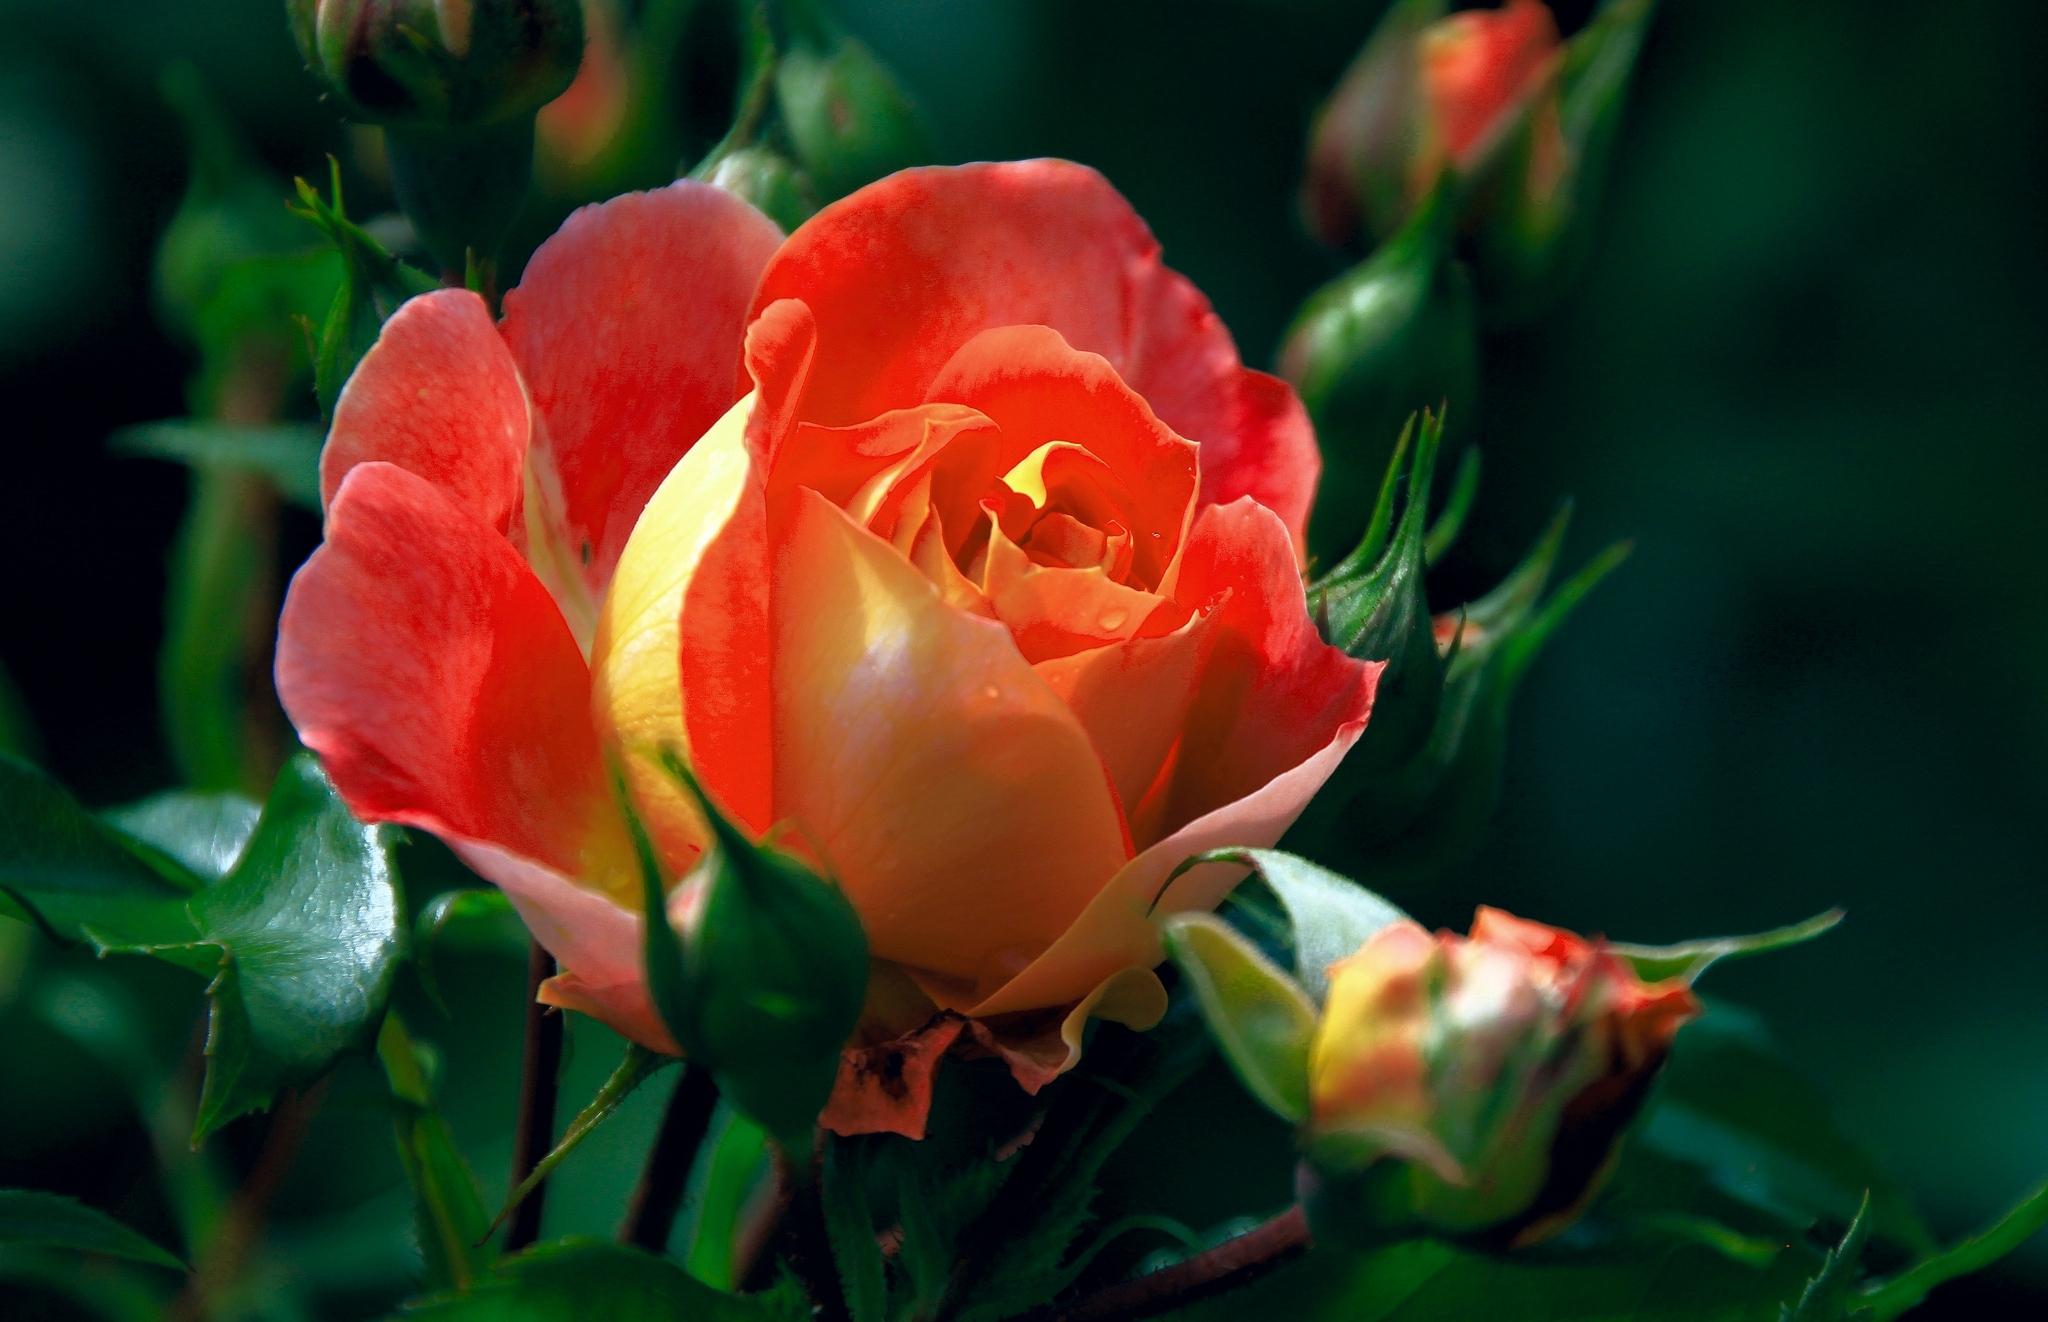 красивые картинки бутонов роз это